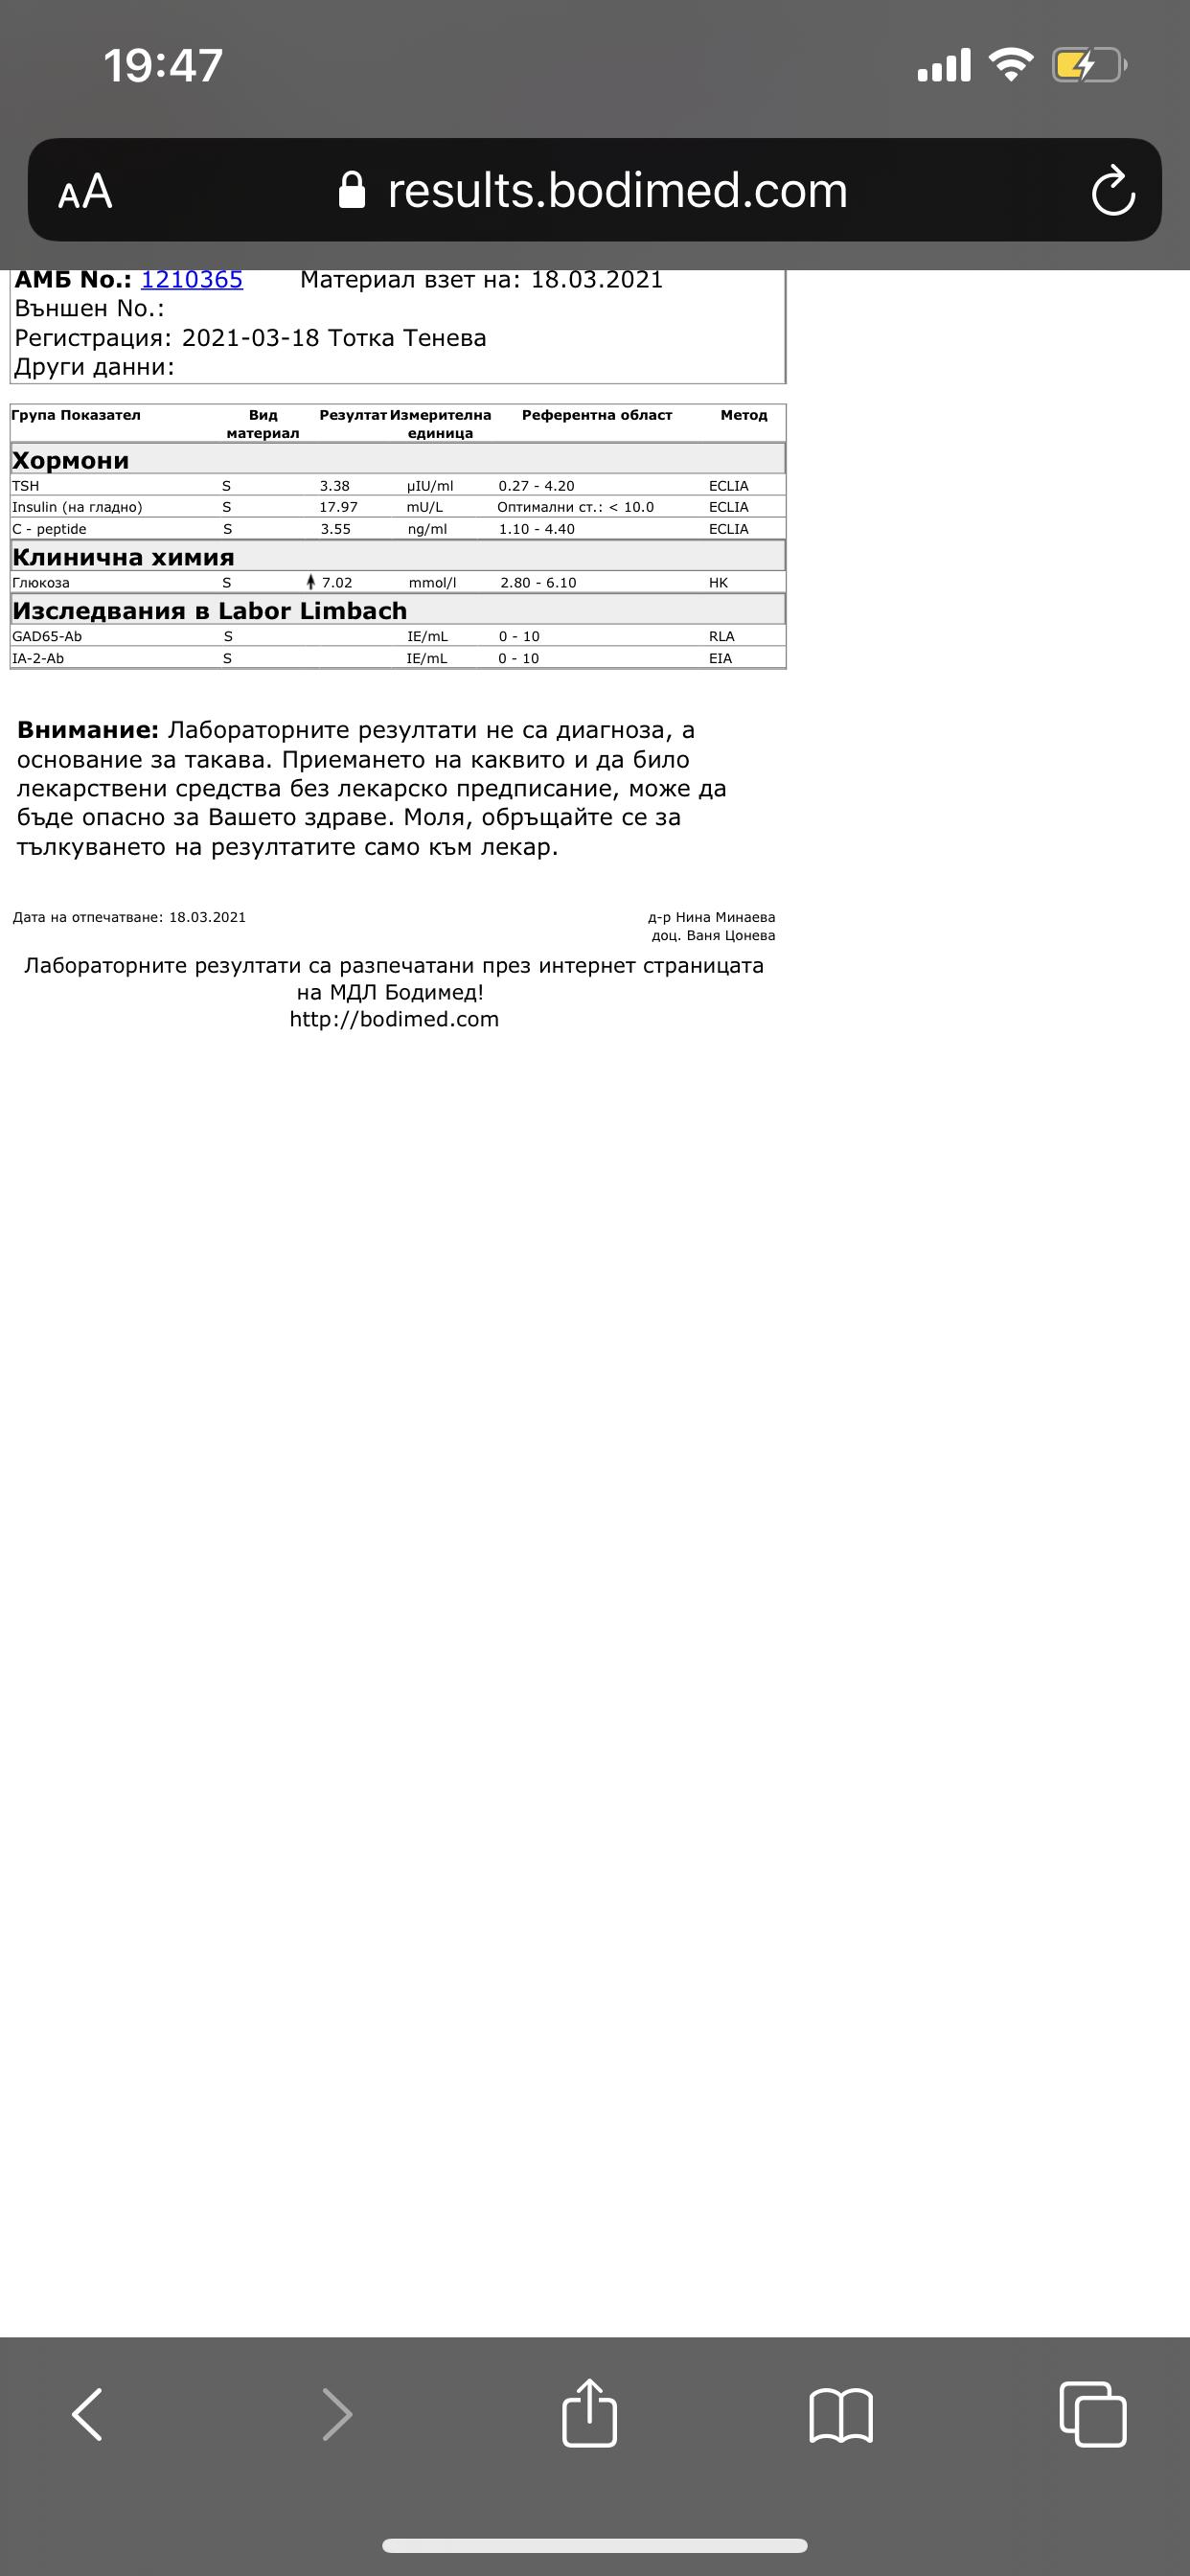 AEC37896-0C2F-43D5-8A03-CD8E28F13372.png